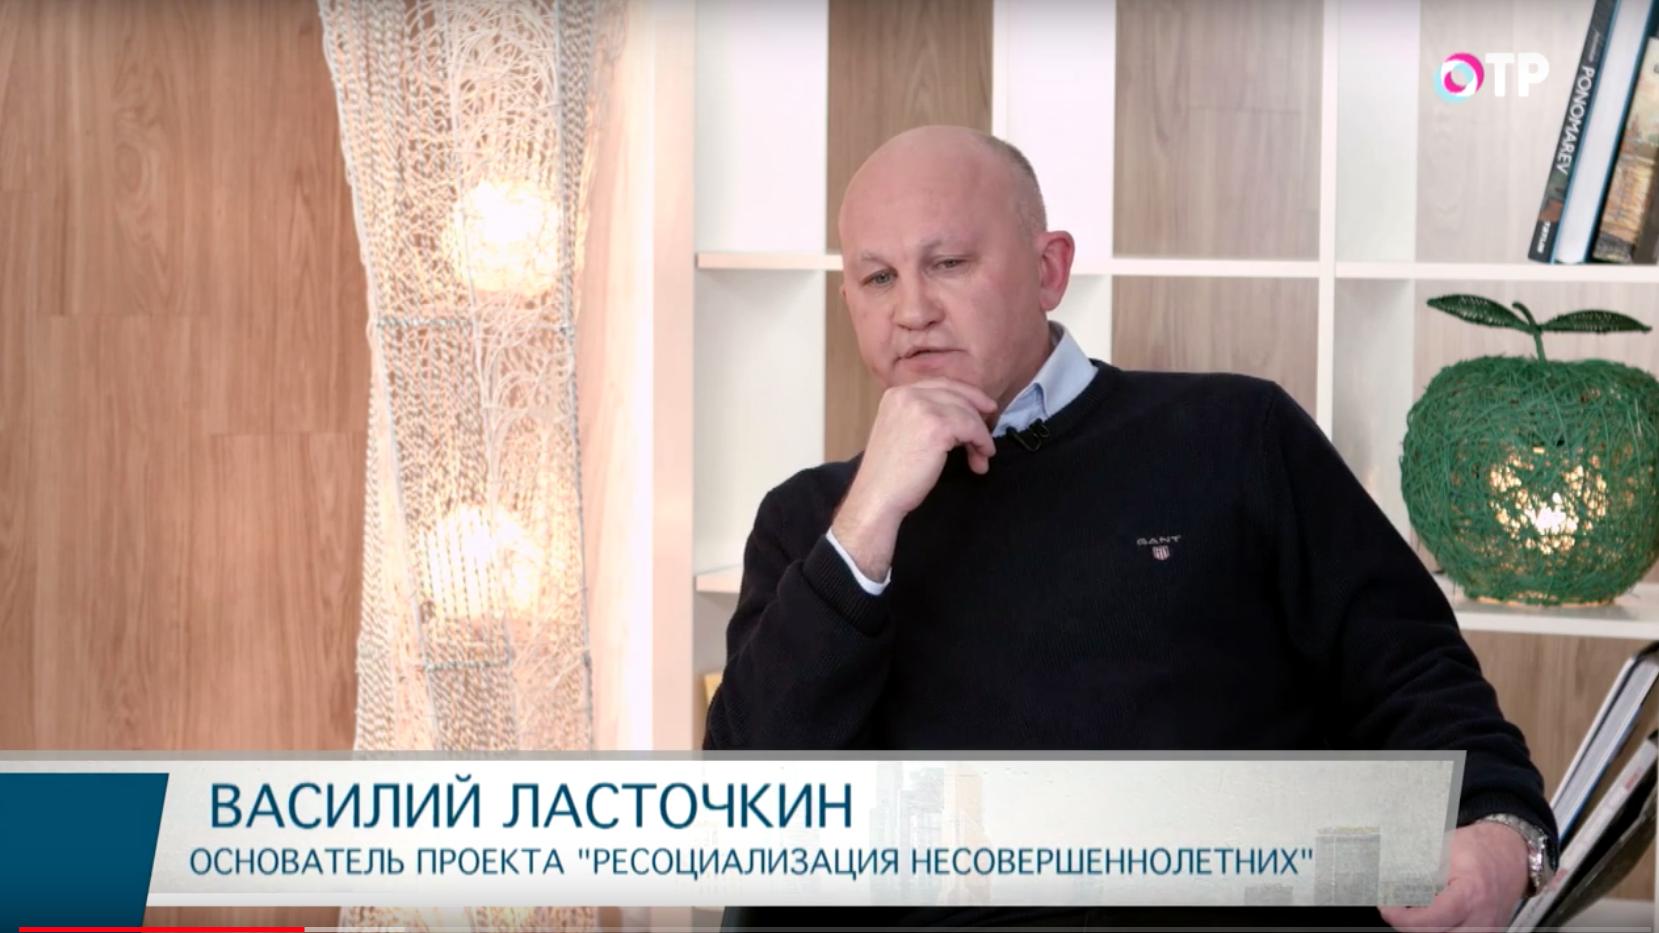 Интервью президента фонда Василия Ласточкина на канале ОТР. Ресоциализация несовершеннолетних.